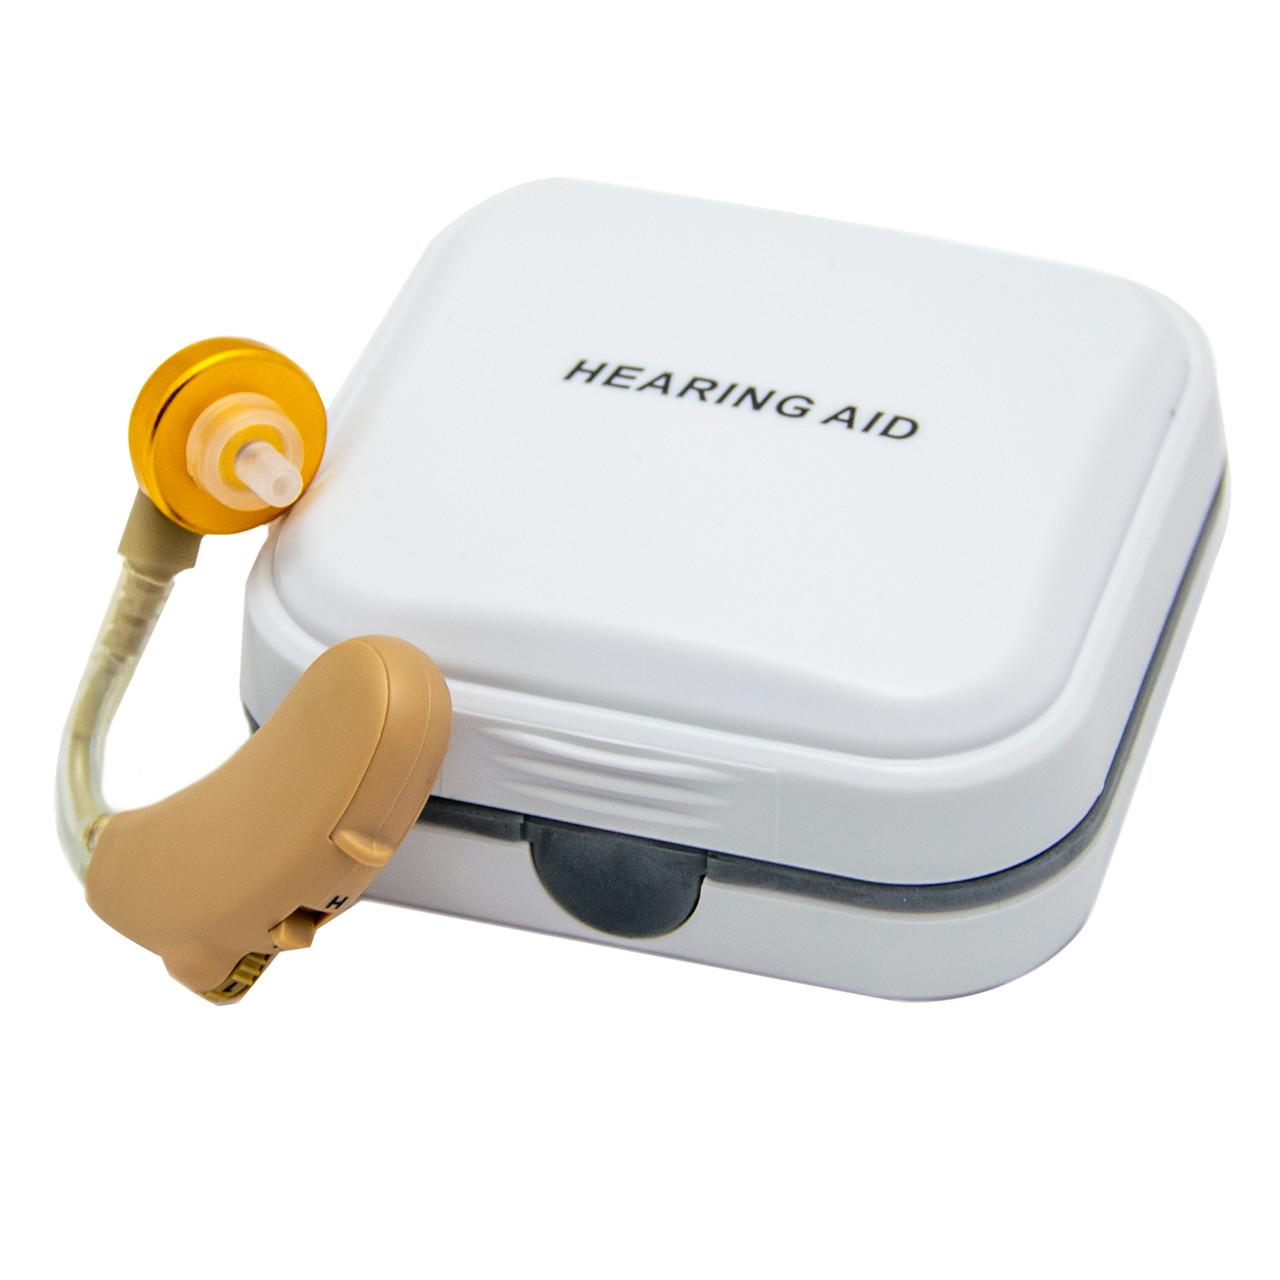 Слуховой аппарат Axon V-185 заушной, усилитель звука для людей, прибор для усиления слуха (NS)